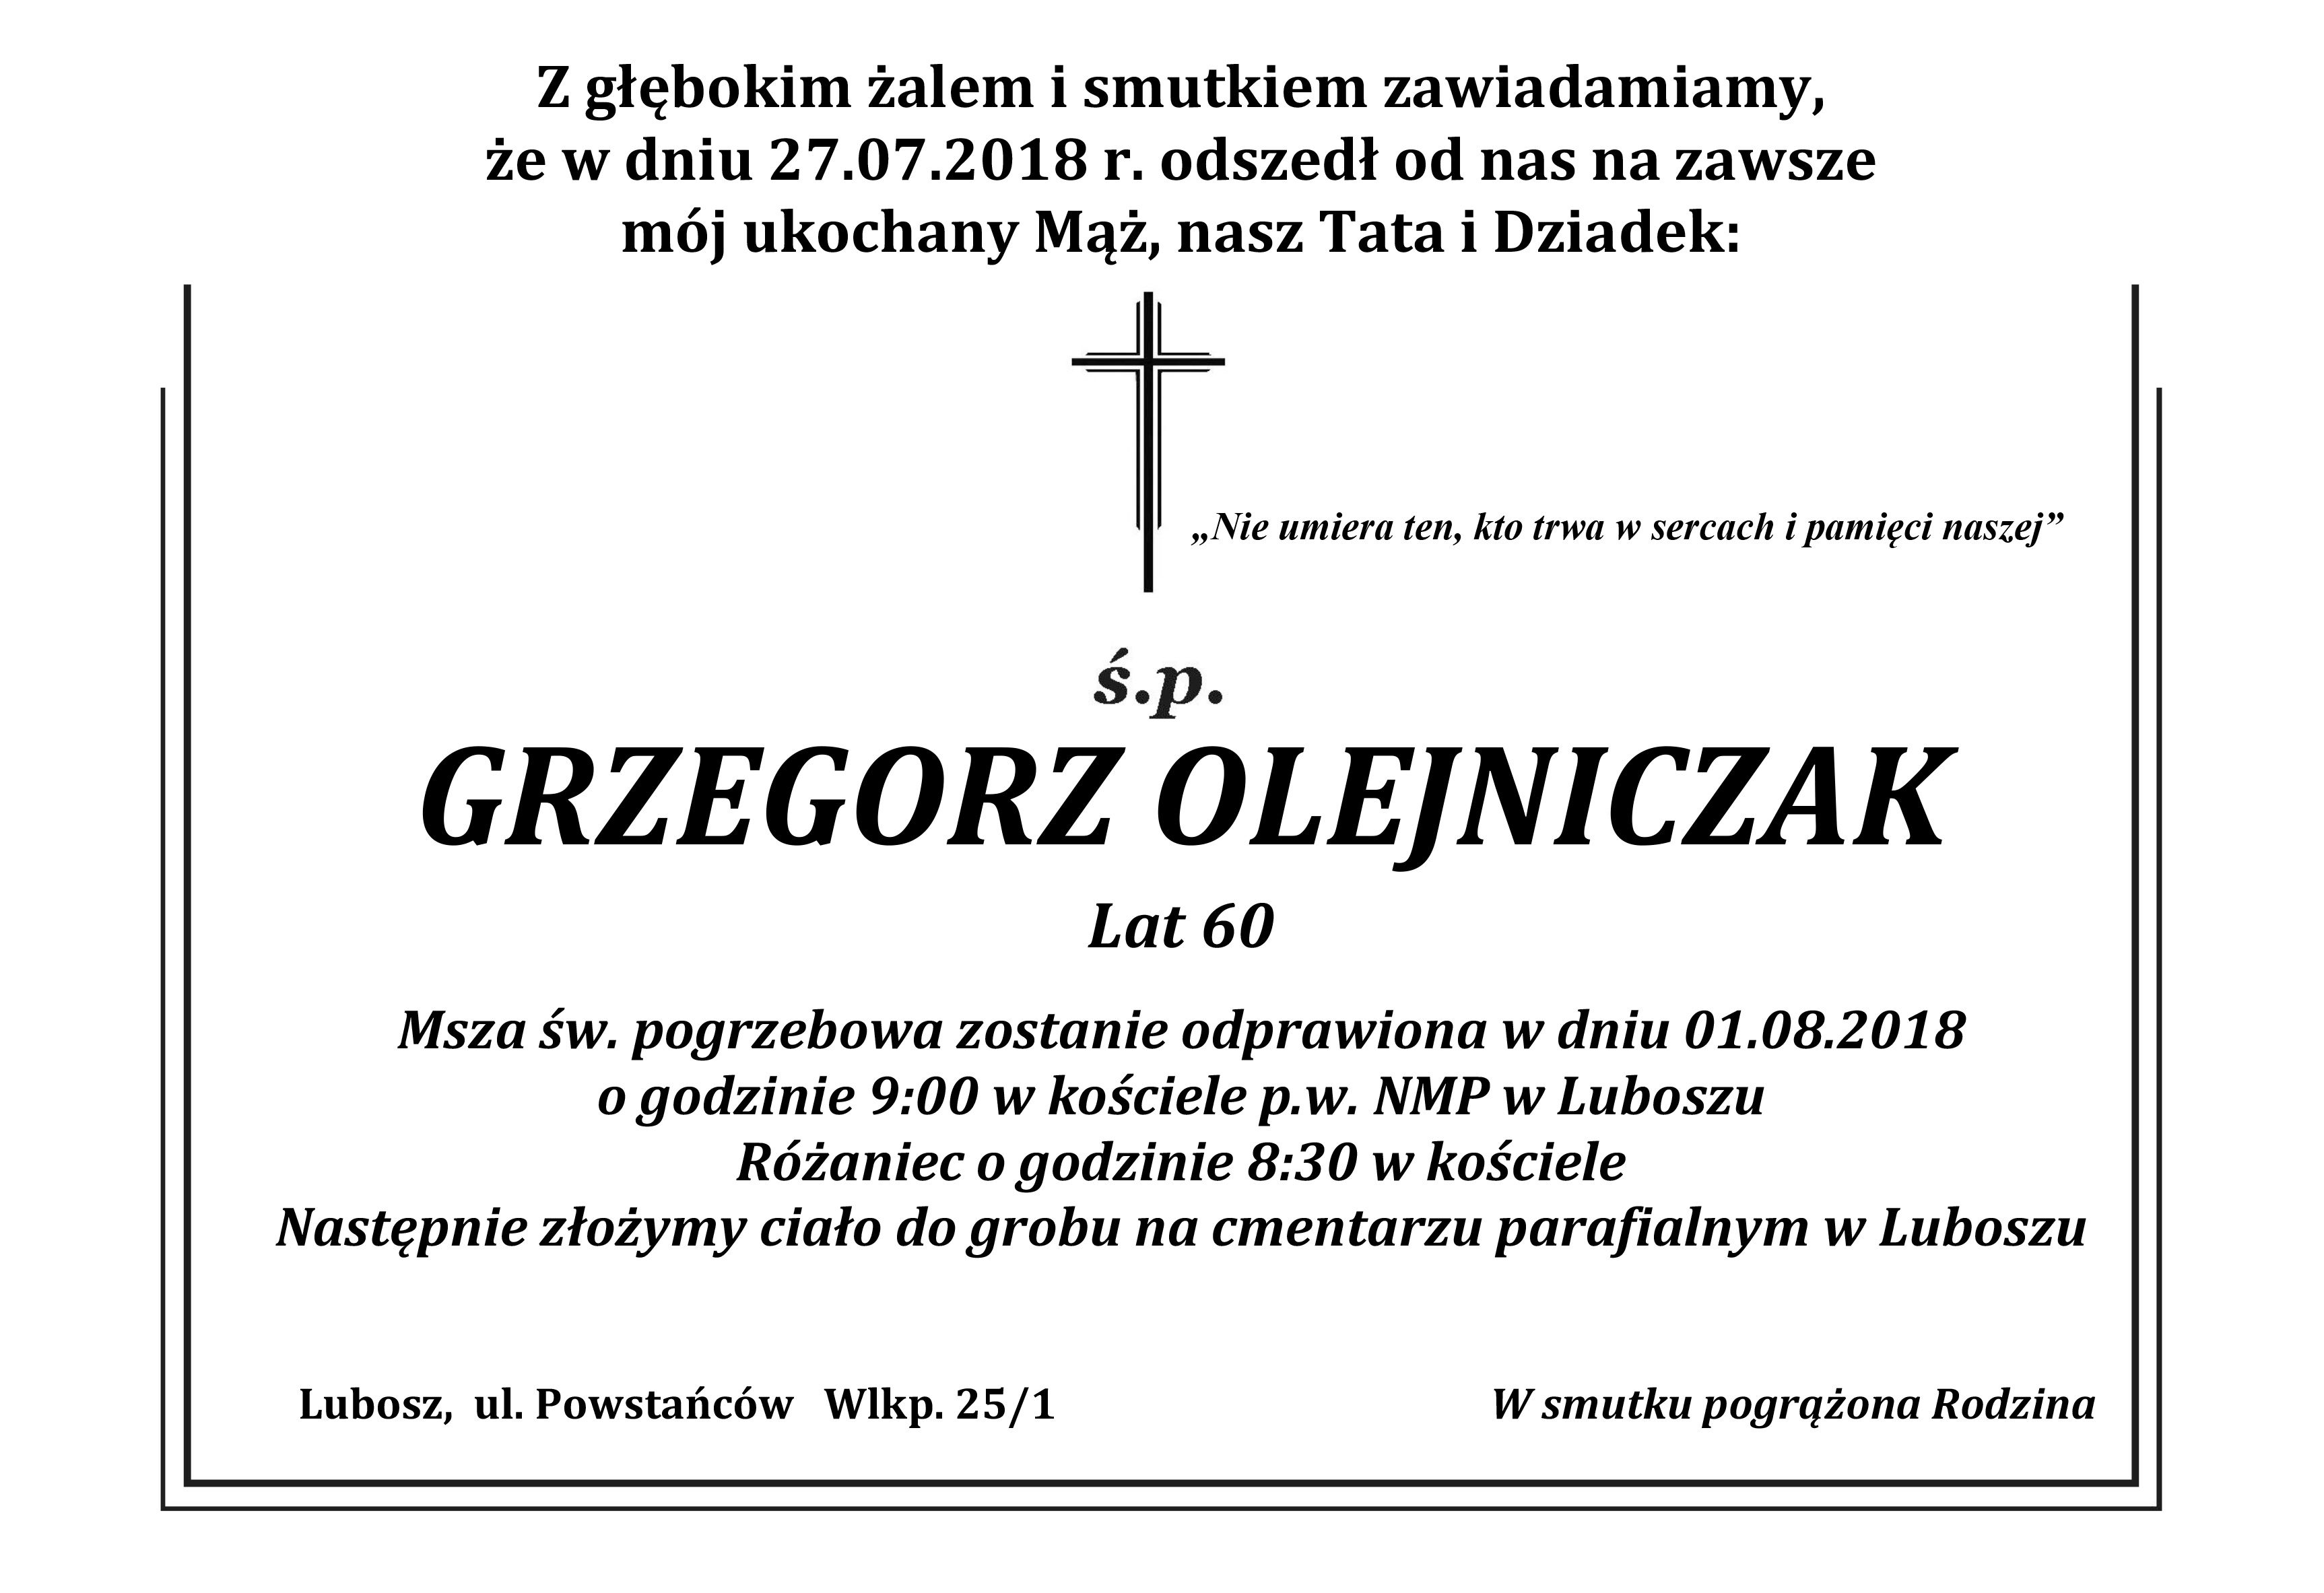 Żyli wśród nas – Grzegorz Olejniczak